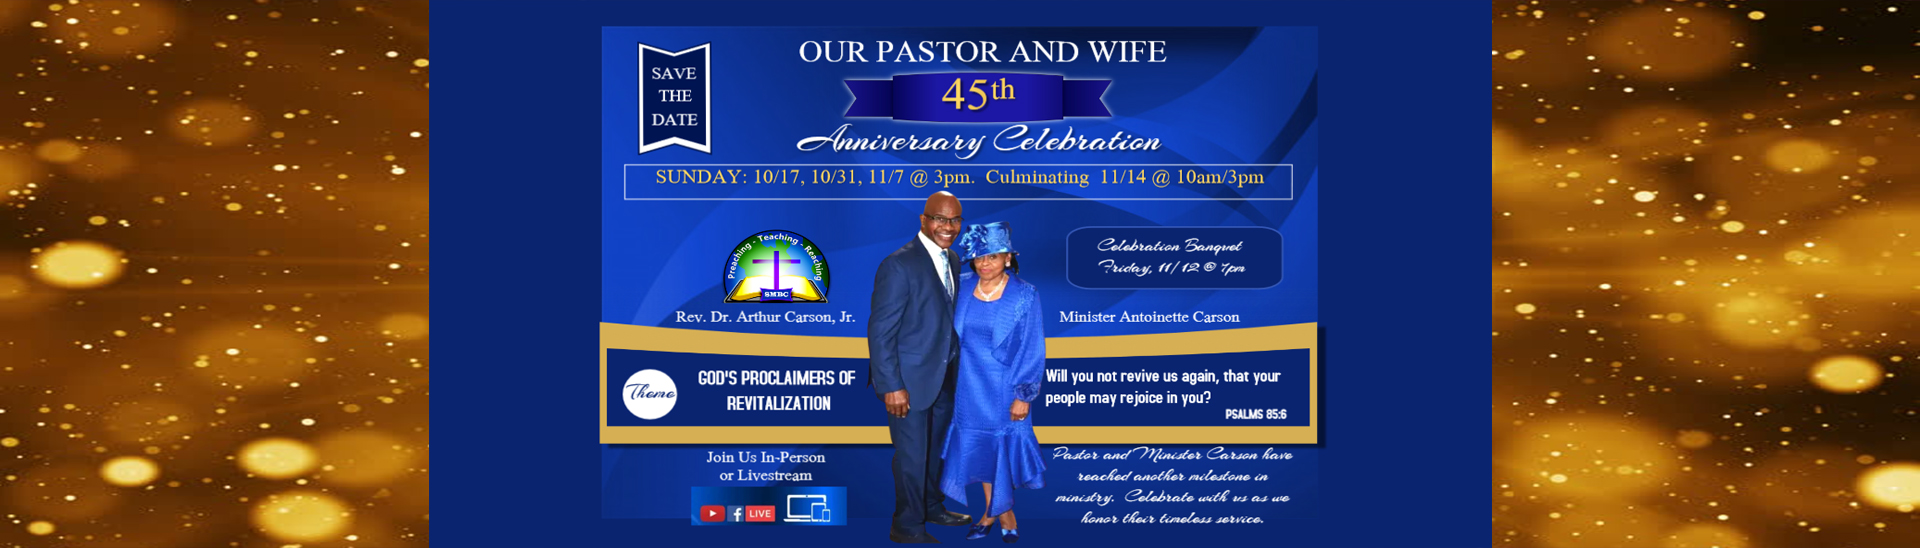 https://0201.nccdn.net/4_2/000/000/060/85f/pastor-anniversary-cover.jpg